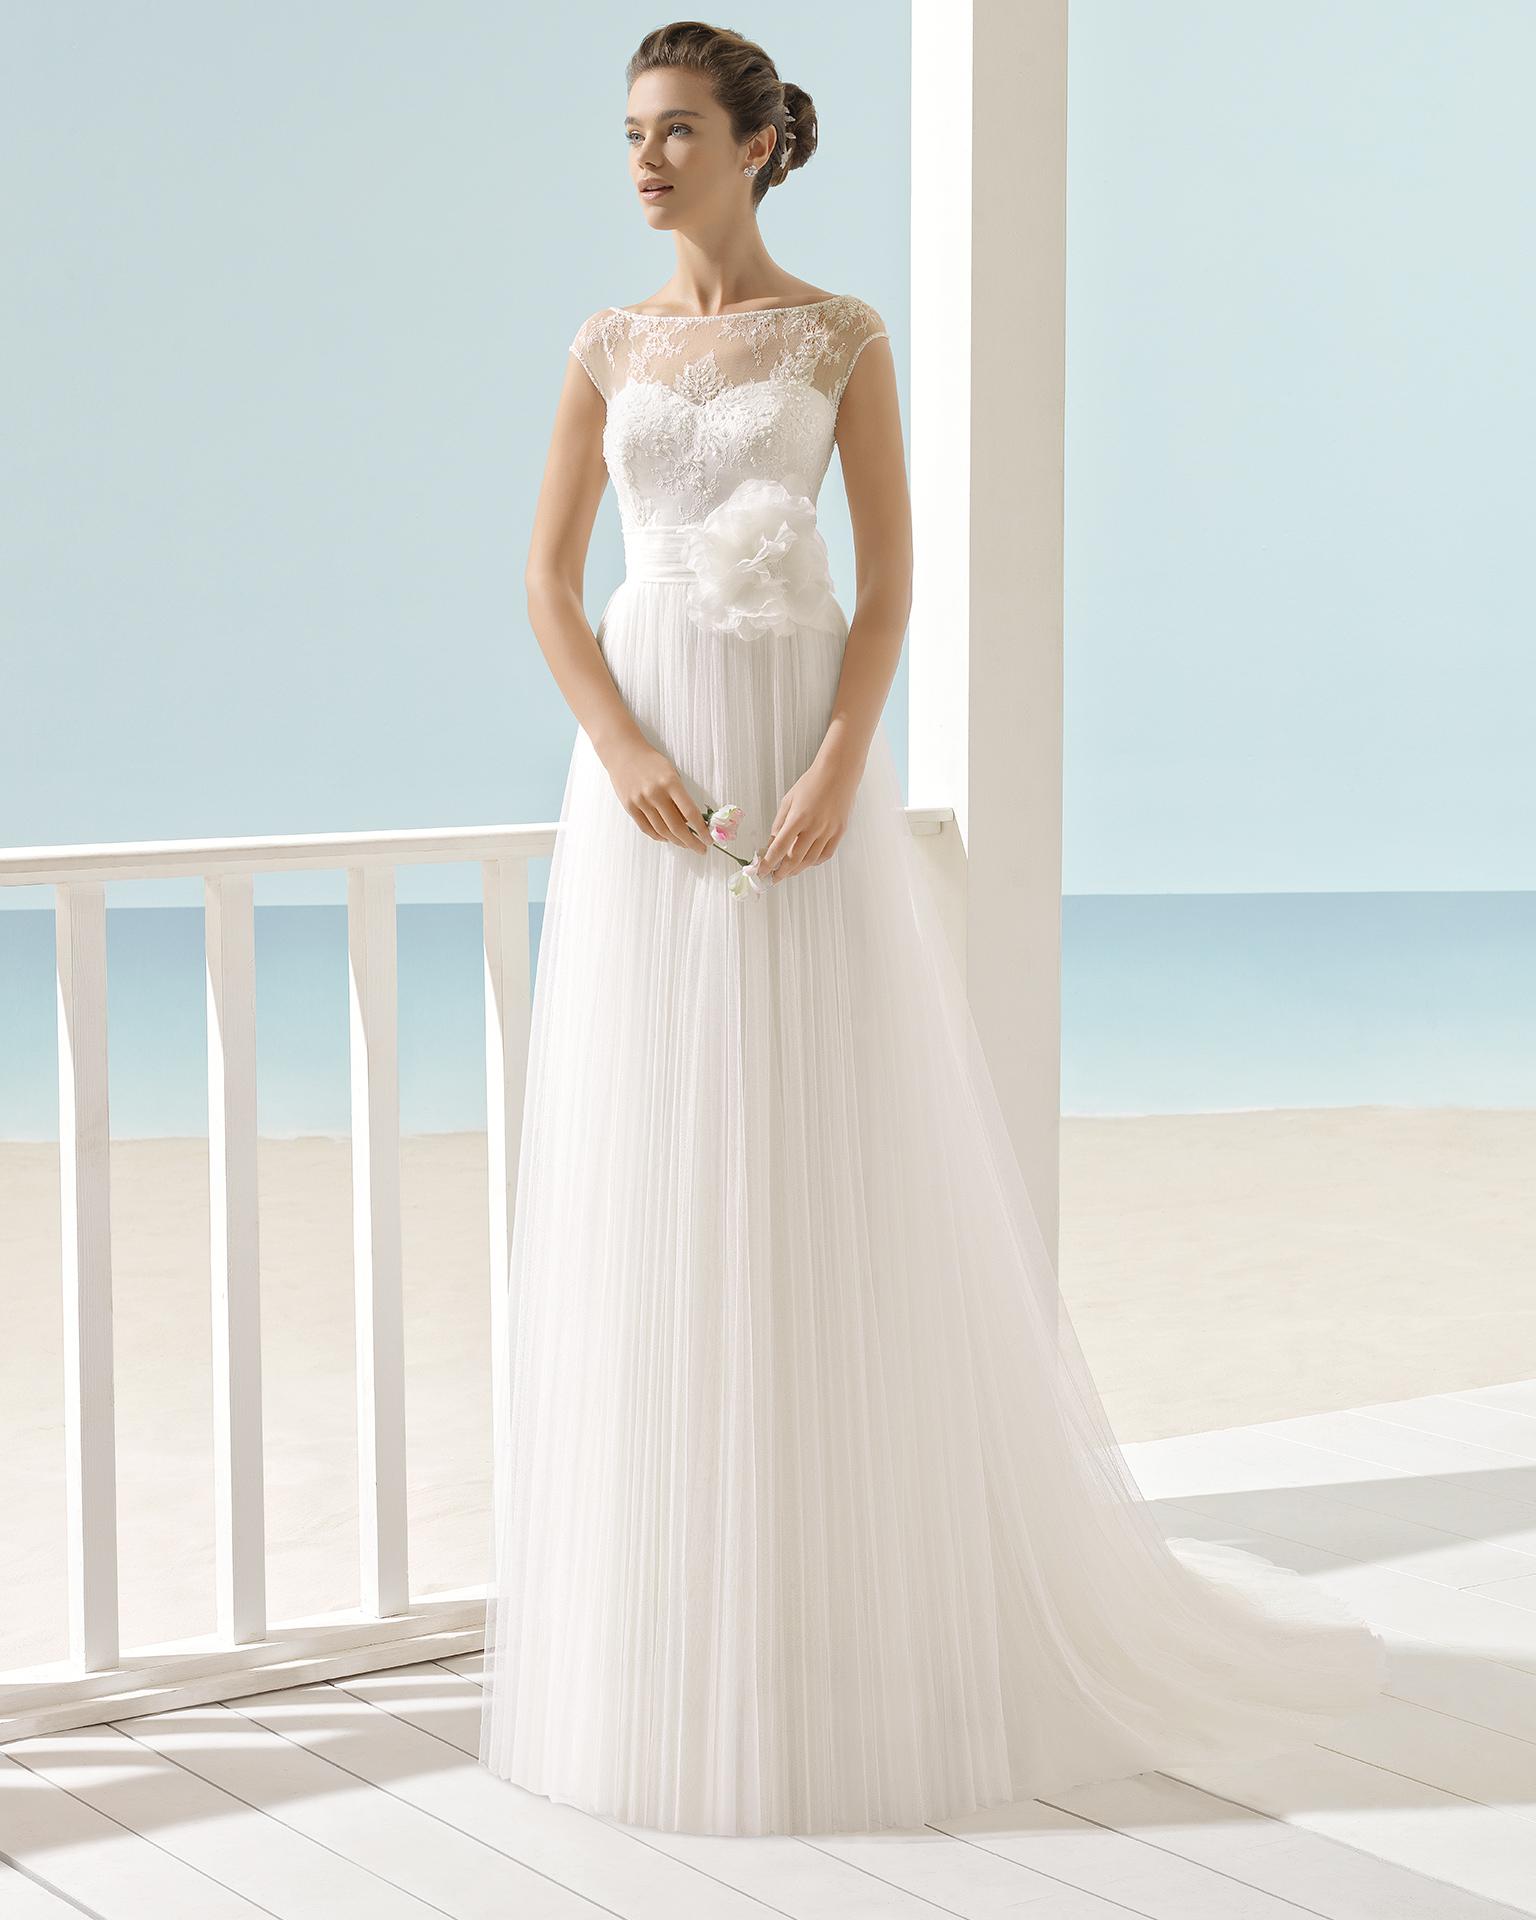 XIANA vestido de noiva Aire Barcelona Beach Wedding 2017